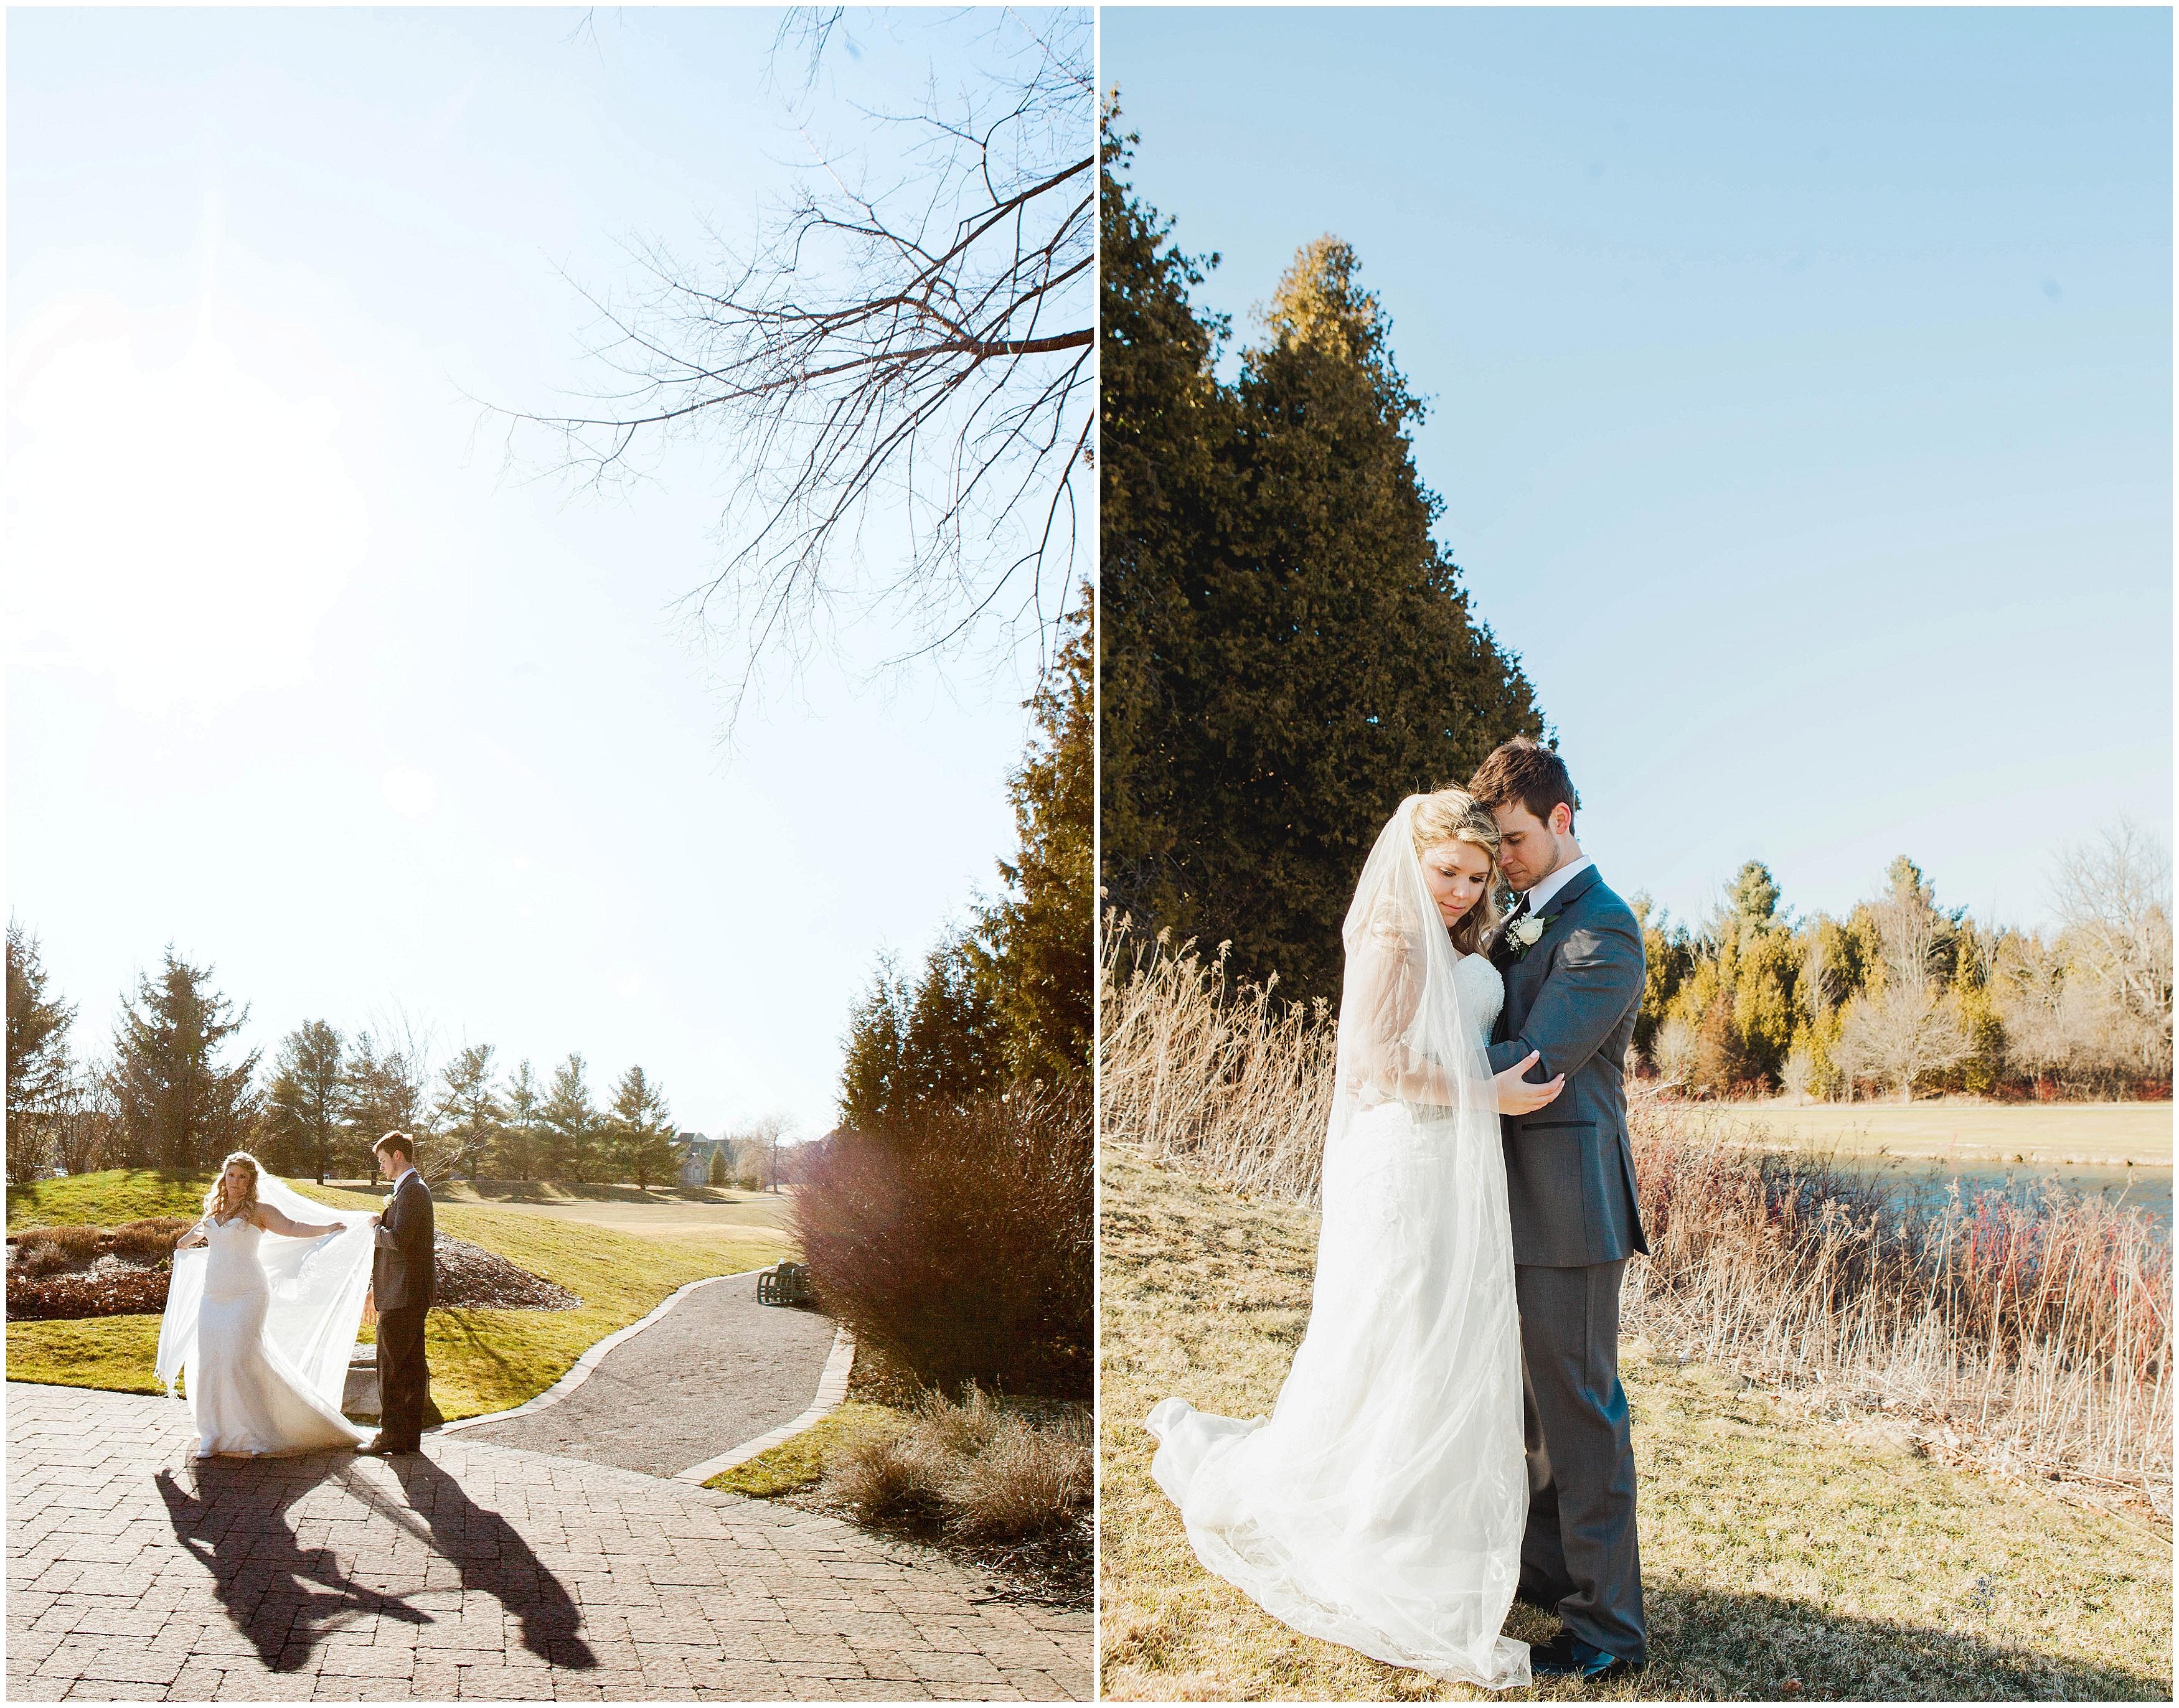 NestletonWatersInn-wedding_0201.jpg